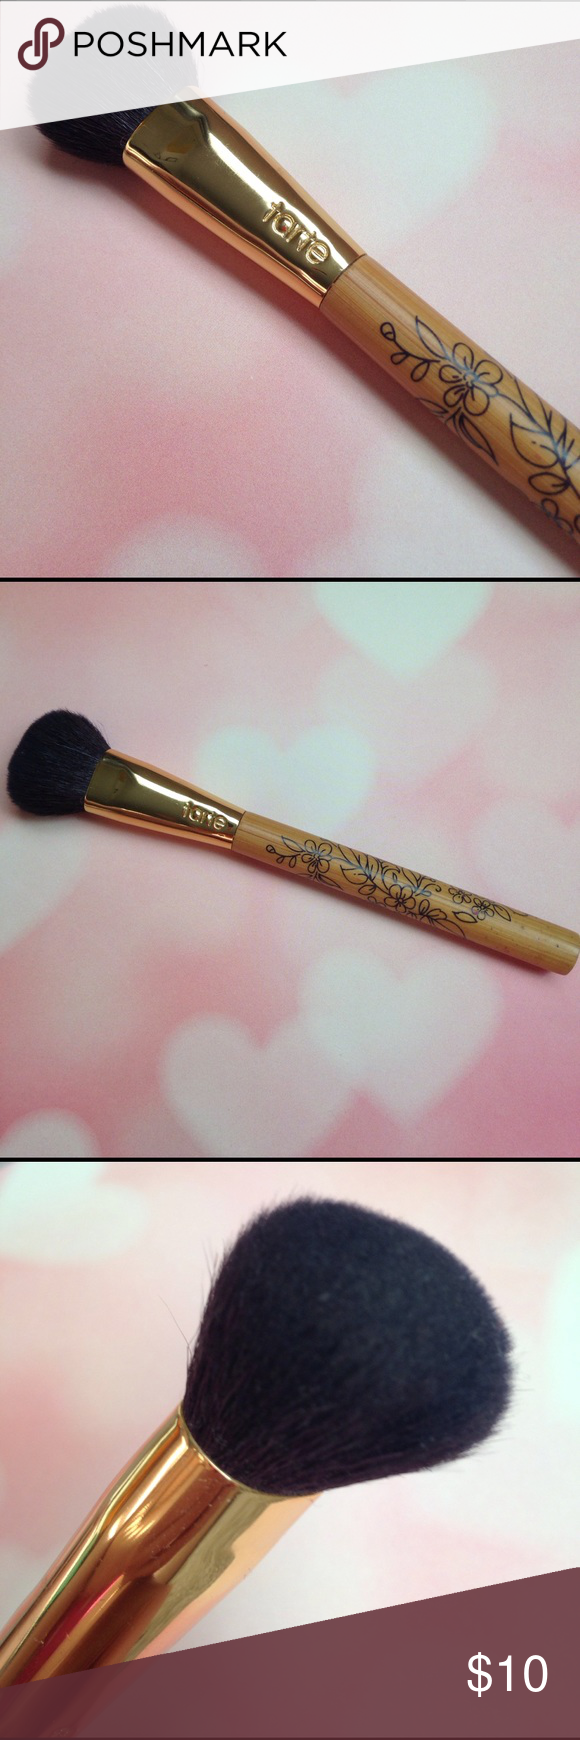 Tarte makeup brush (With images) Tarte makeup brushes